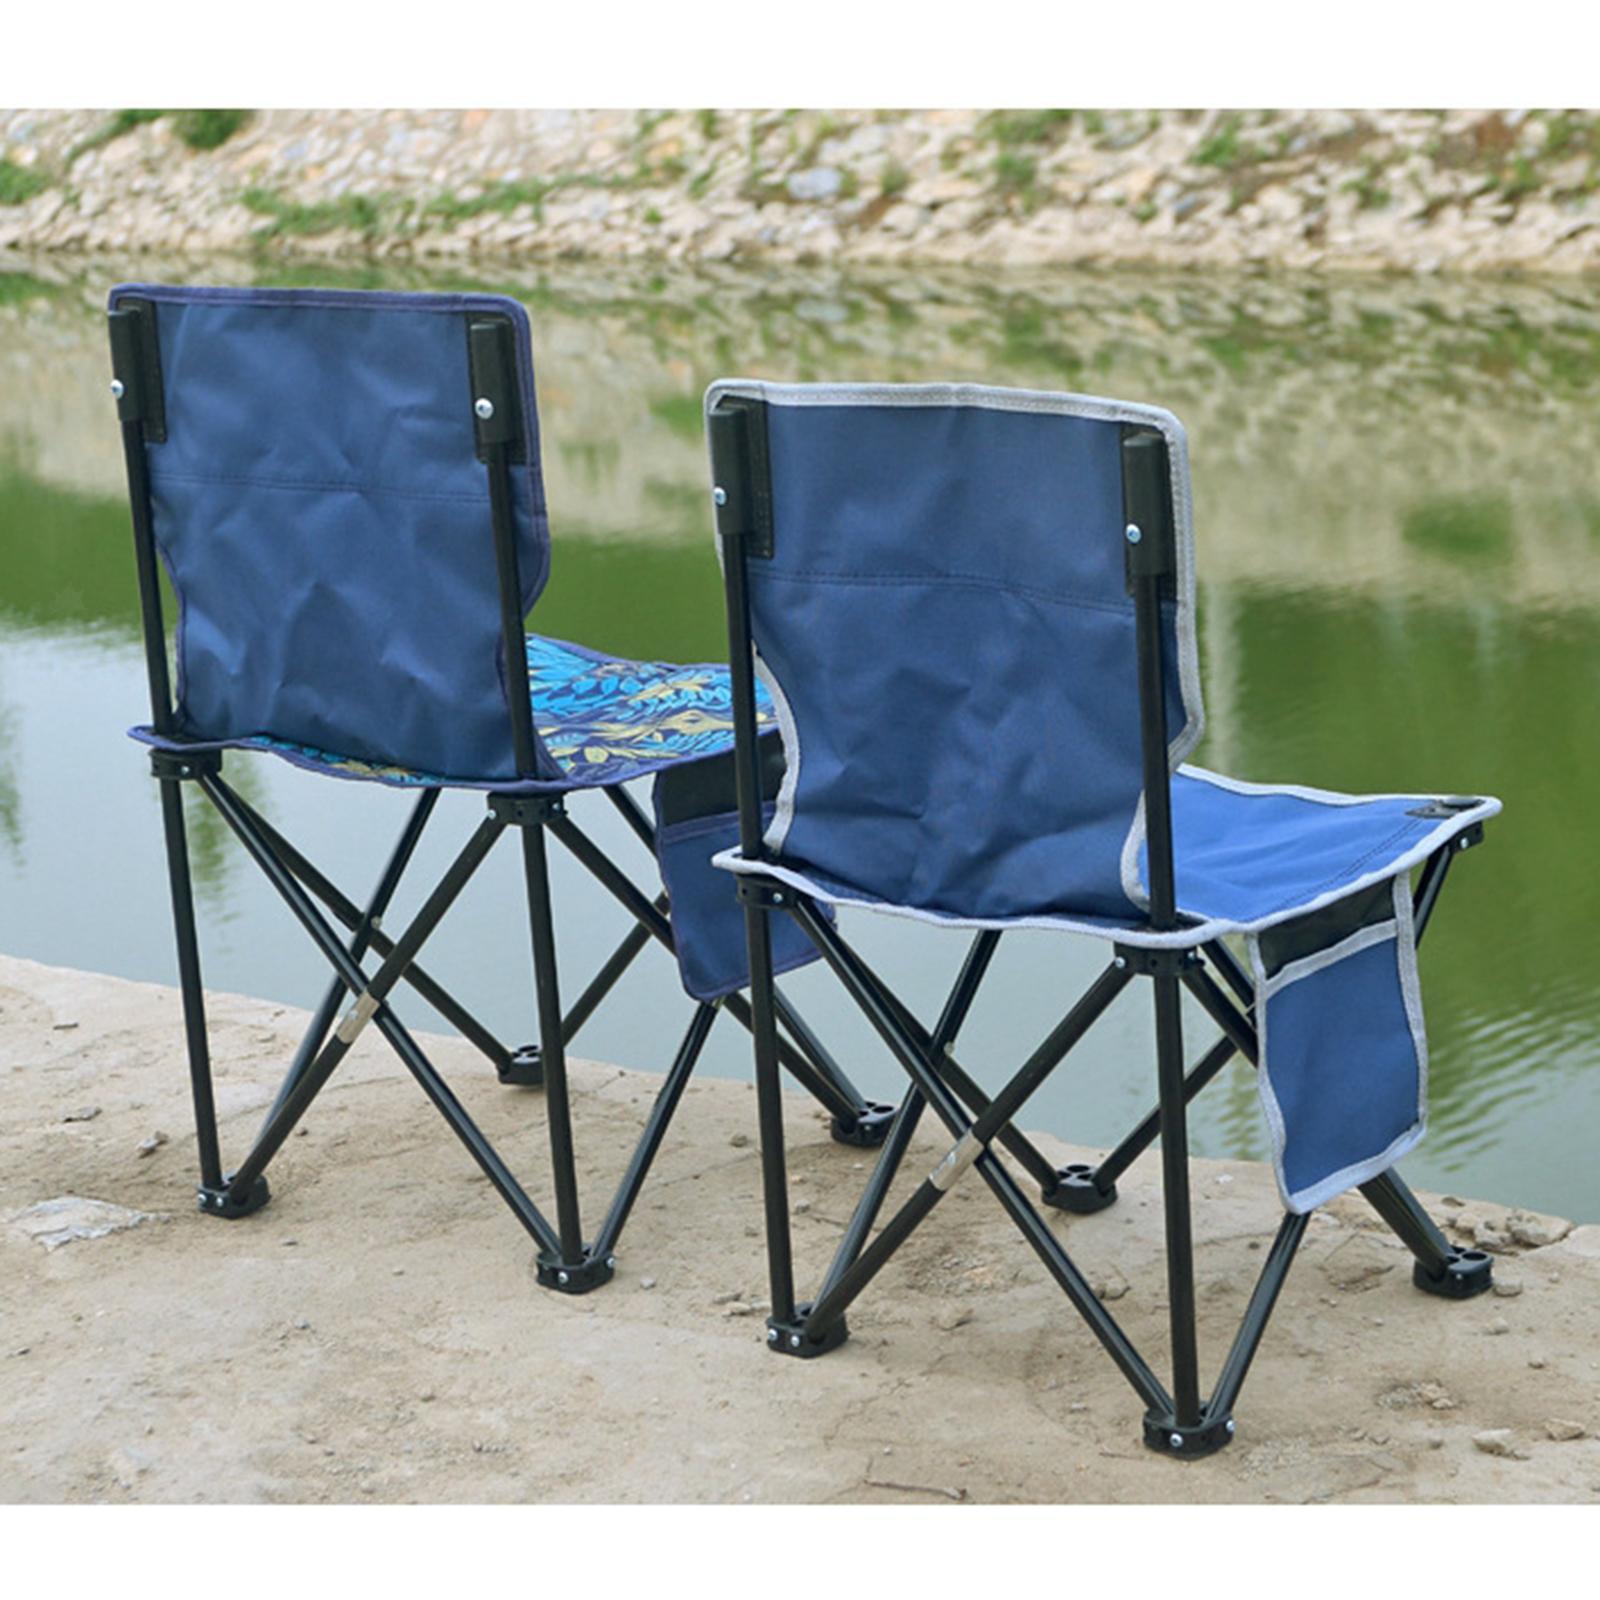 miniatura 6 - Sedia-da-campeggio-pieghevole-Sedia-da-spiaggia-Sgabello-da-pesca-Picnic-Outdoor